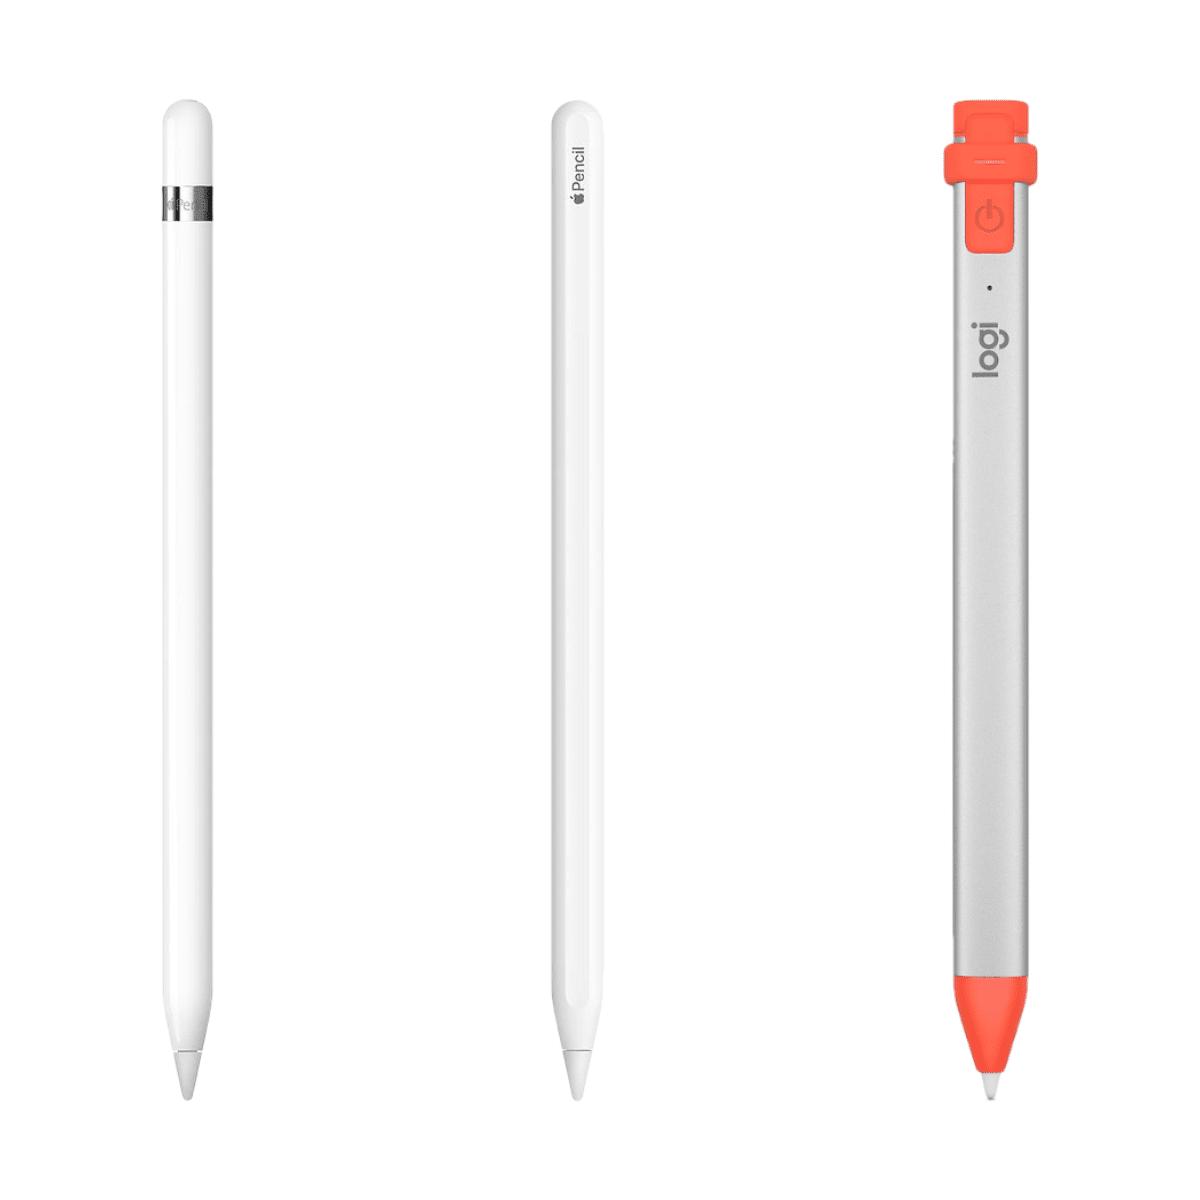 image of apple pencil, apple pencil 2, logitech crayon